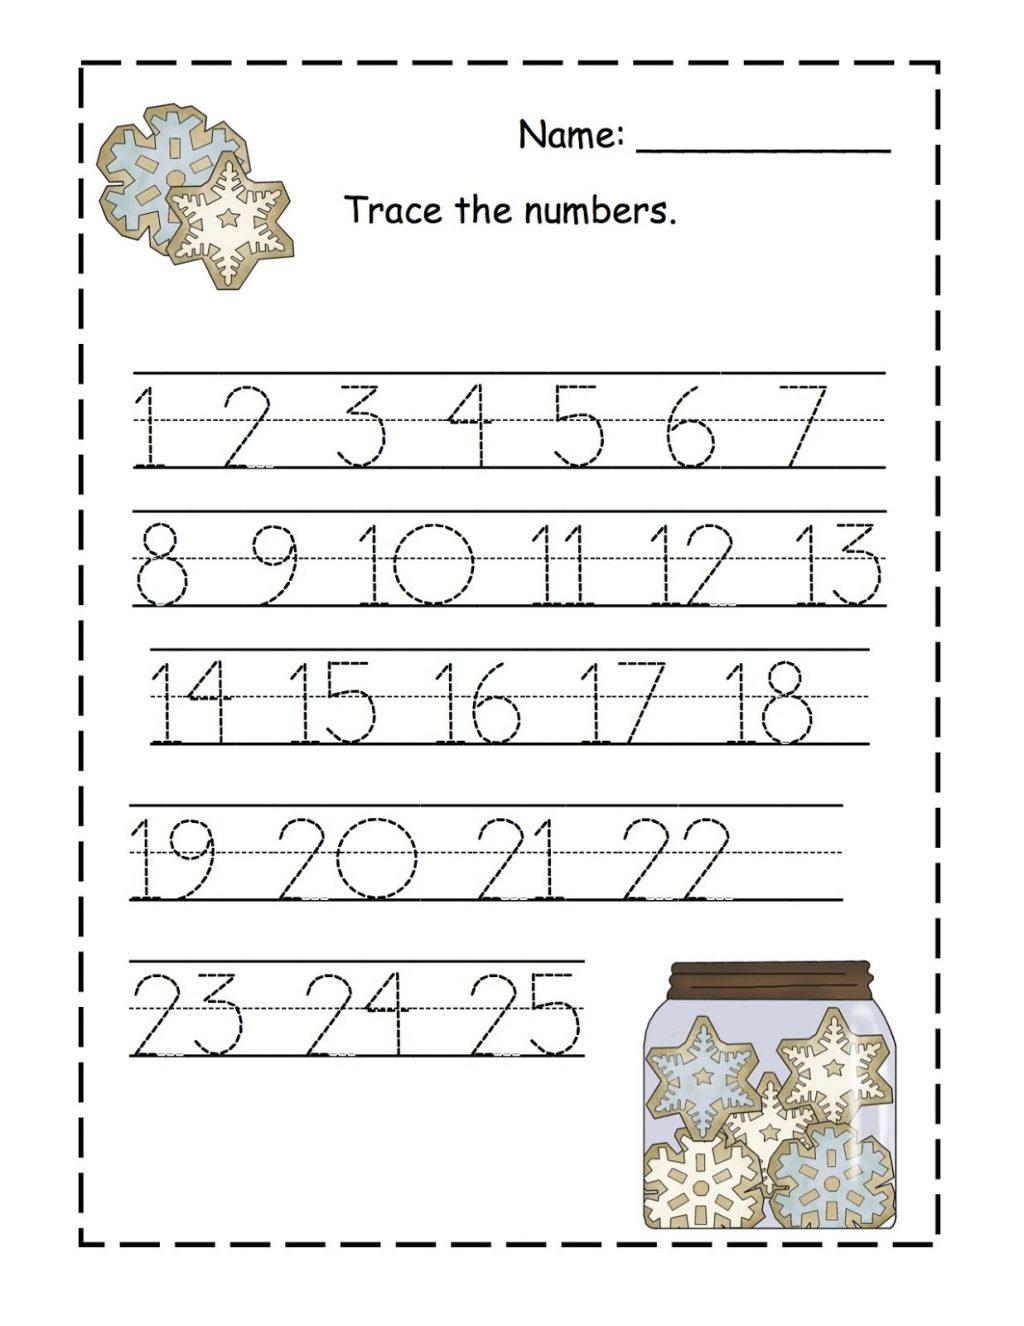 Worksheet ~ Incredible Preschool Letter Writing Worksheets